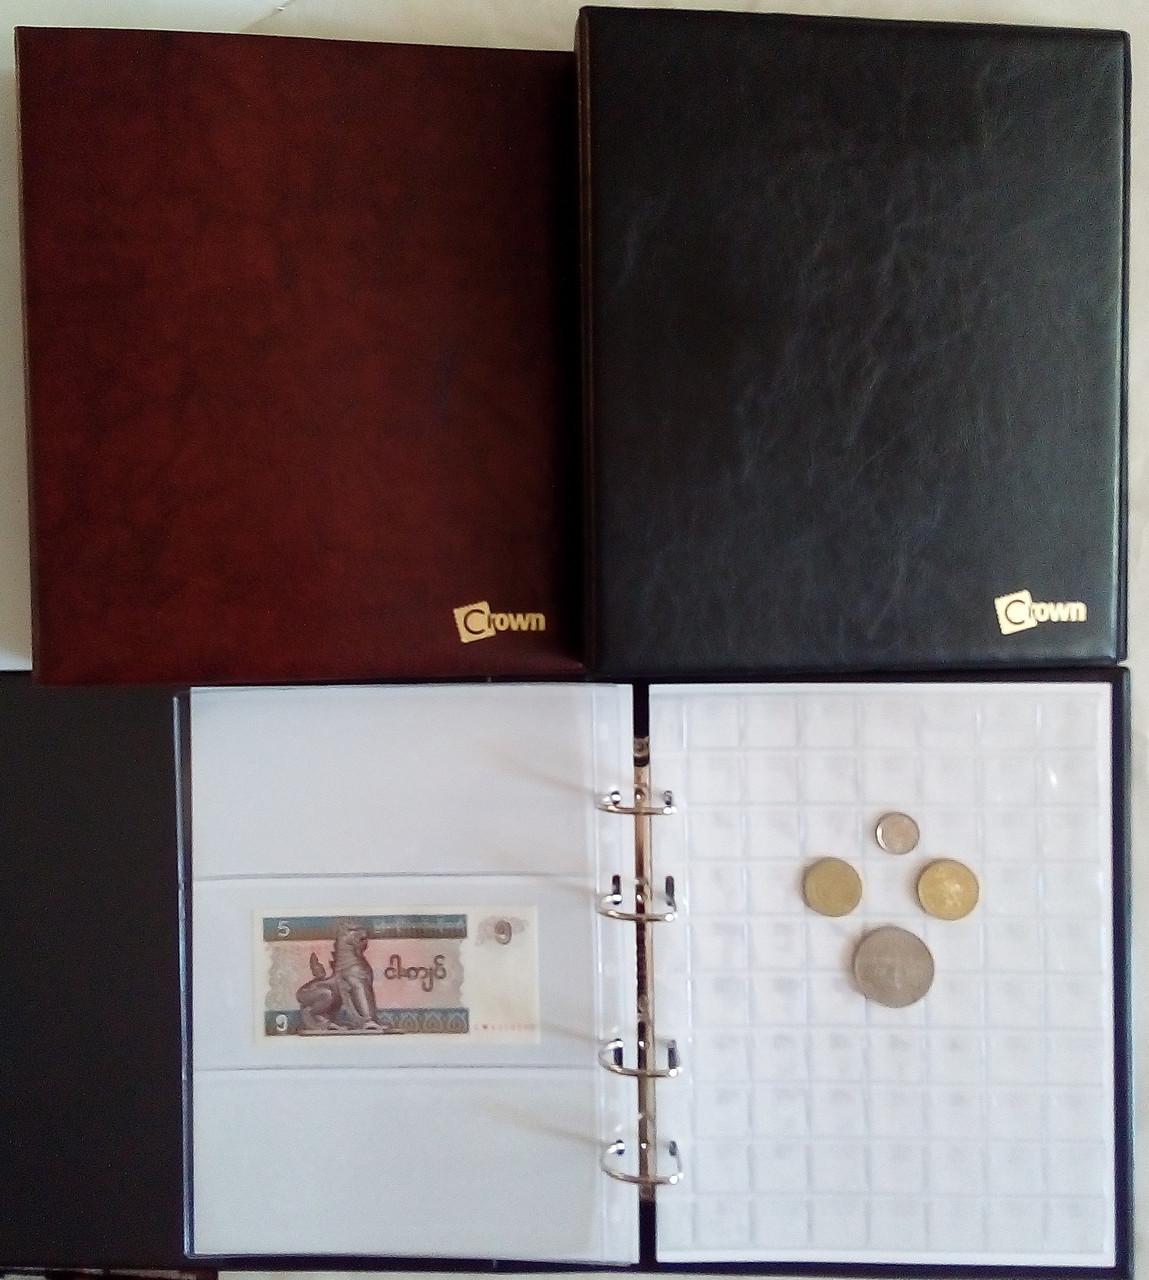 Альбом для монет и банкнот Краун Престиж 531 ячейка